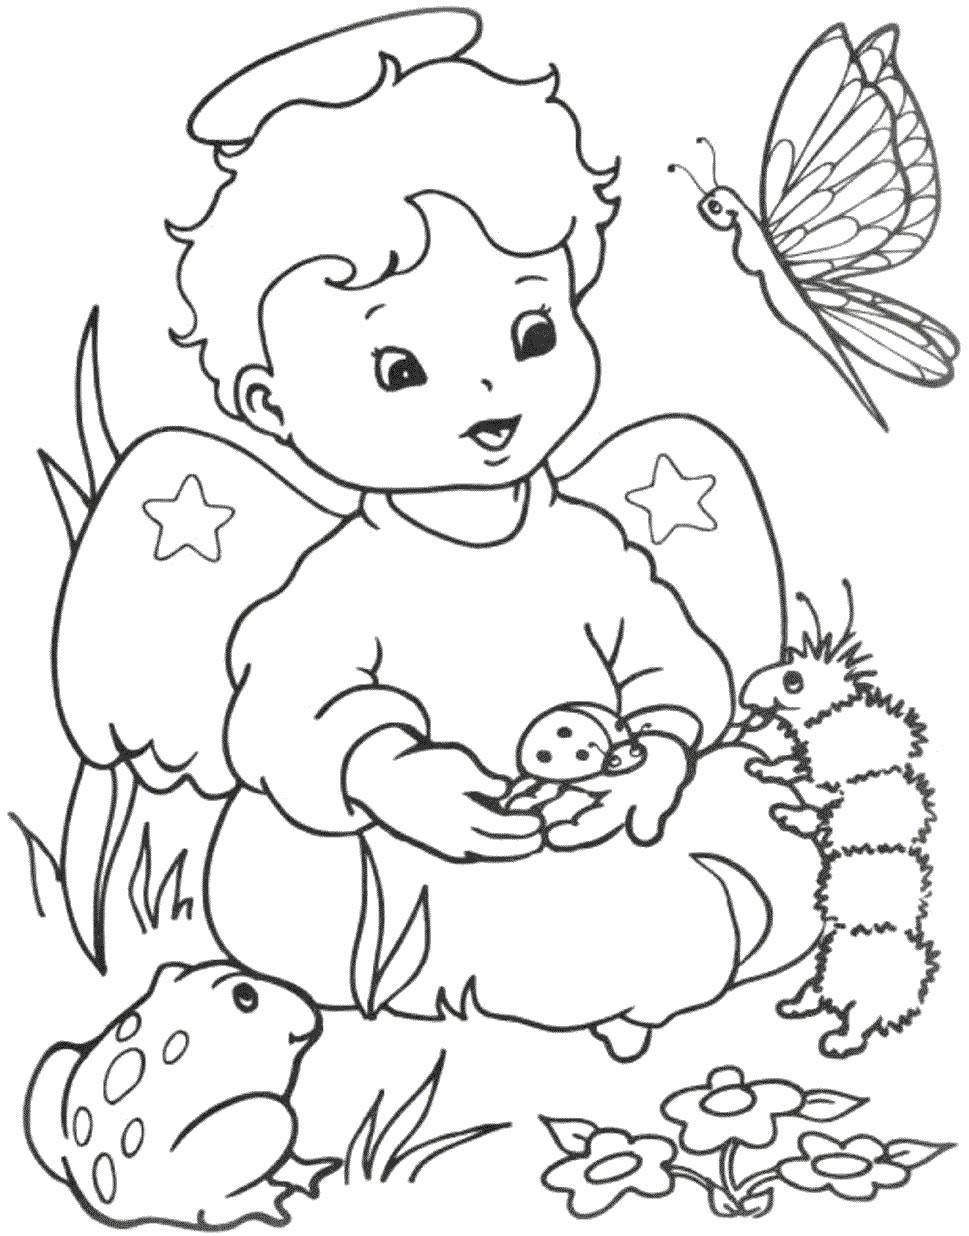 Desenhos infantis para colorir de animais, gatos